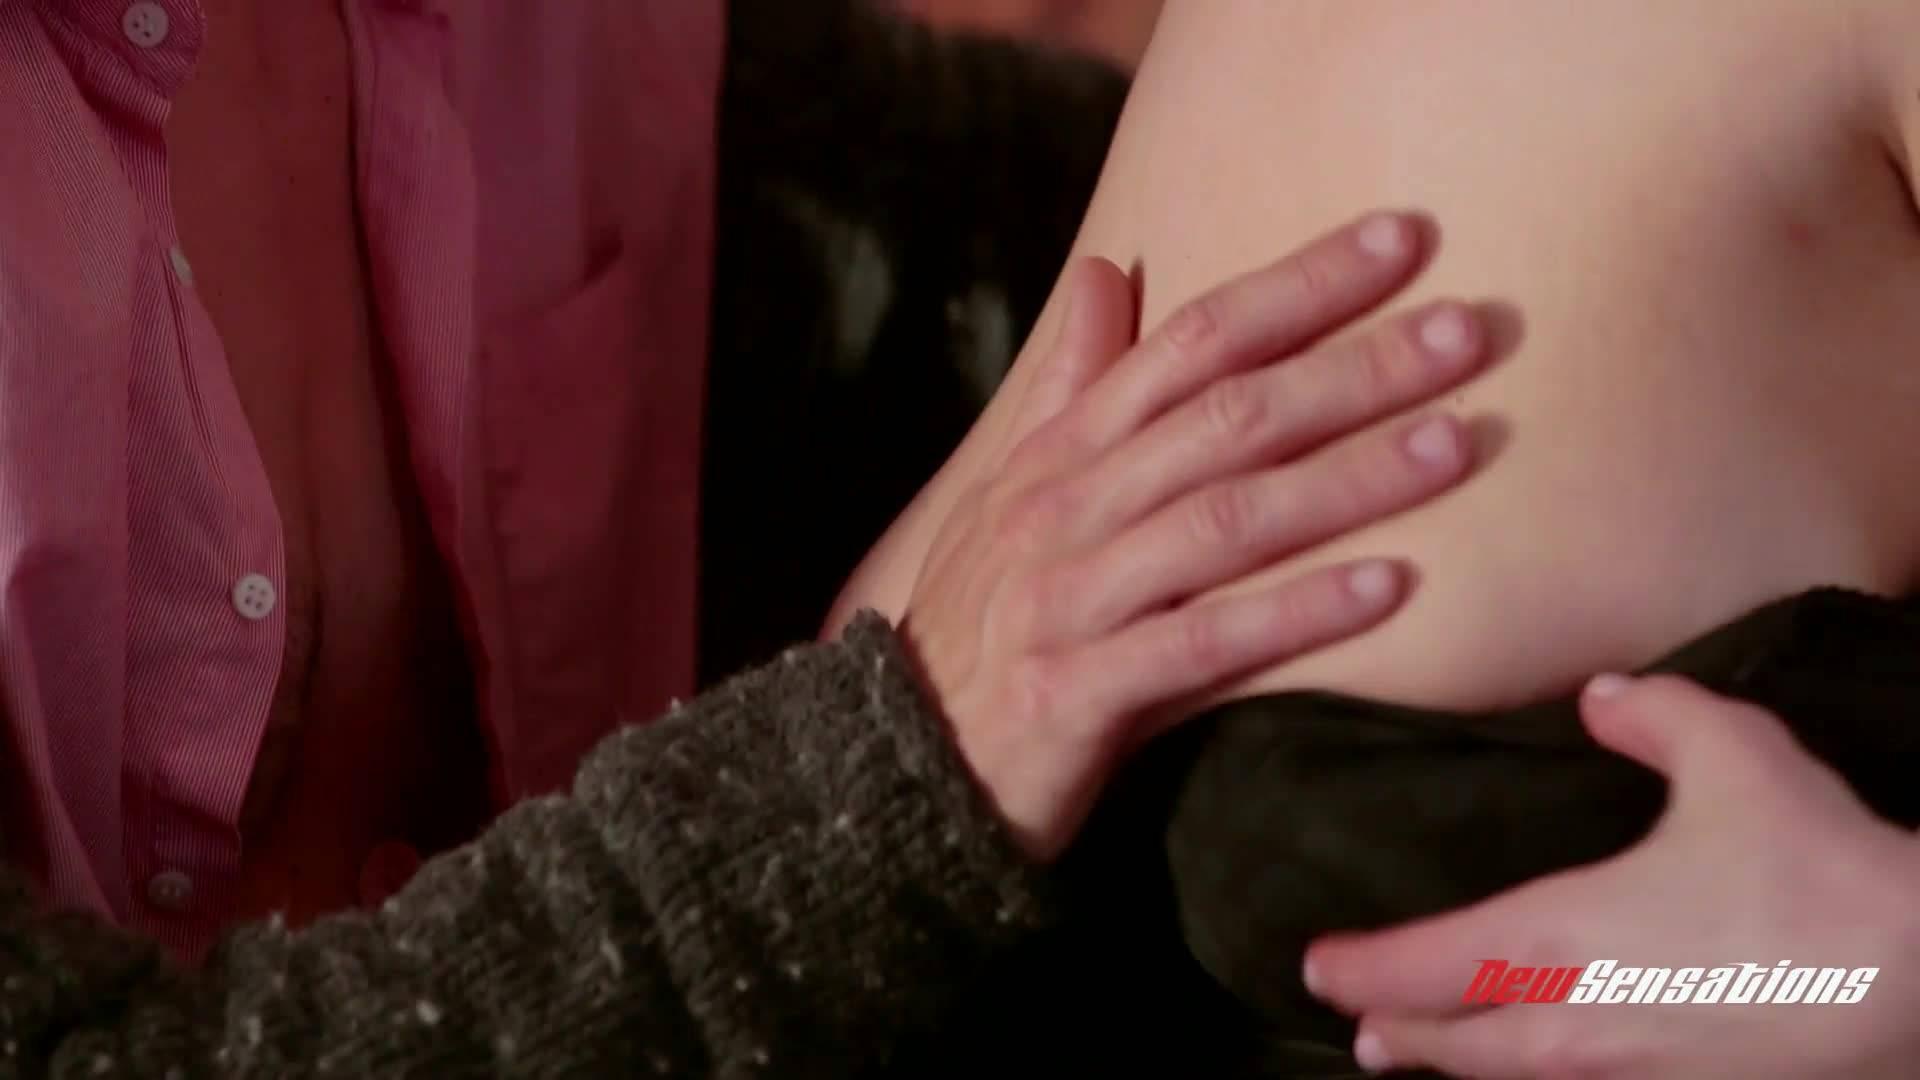 Рыжая девушка с большой жопой сняла в баре мужика и дала трахнуть свою дырочку